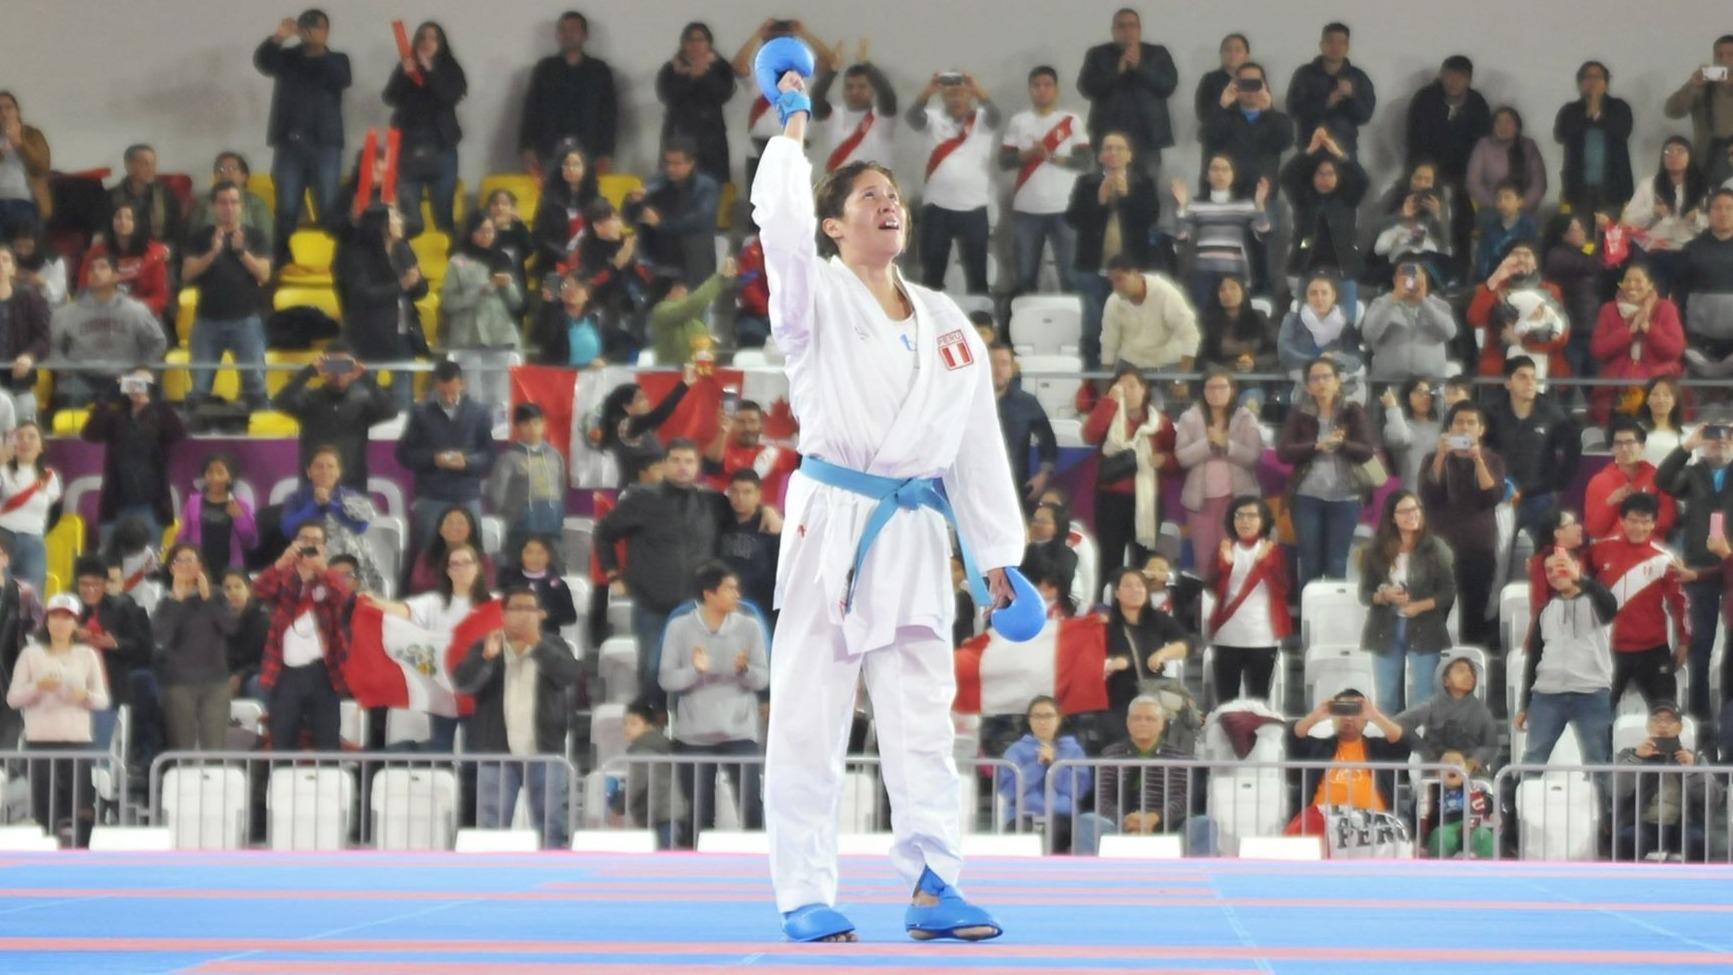 La deportista peruana se llevó la medalla de oro y lo celebró de esta manera.